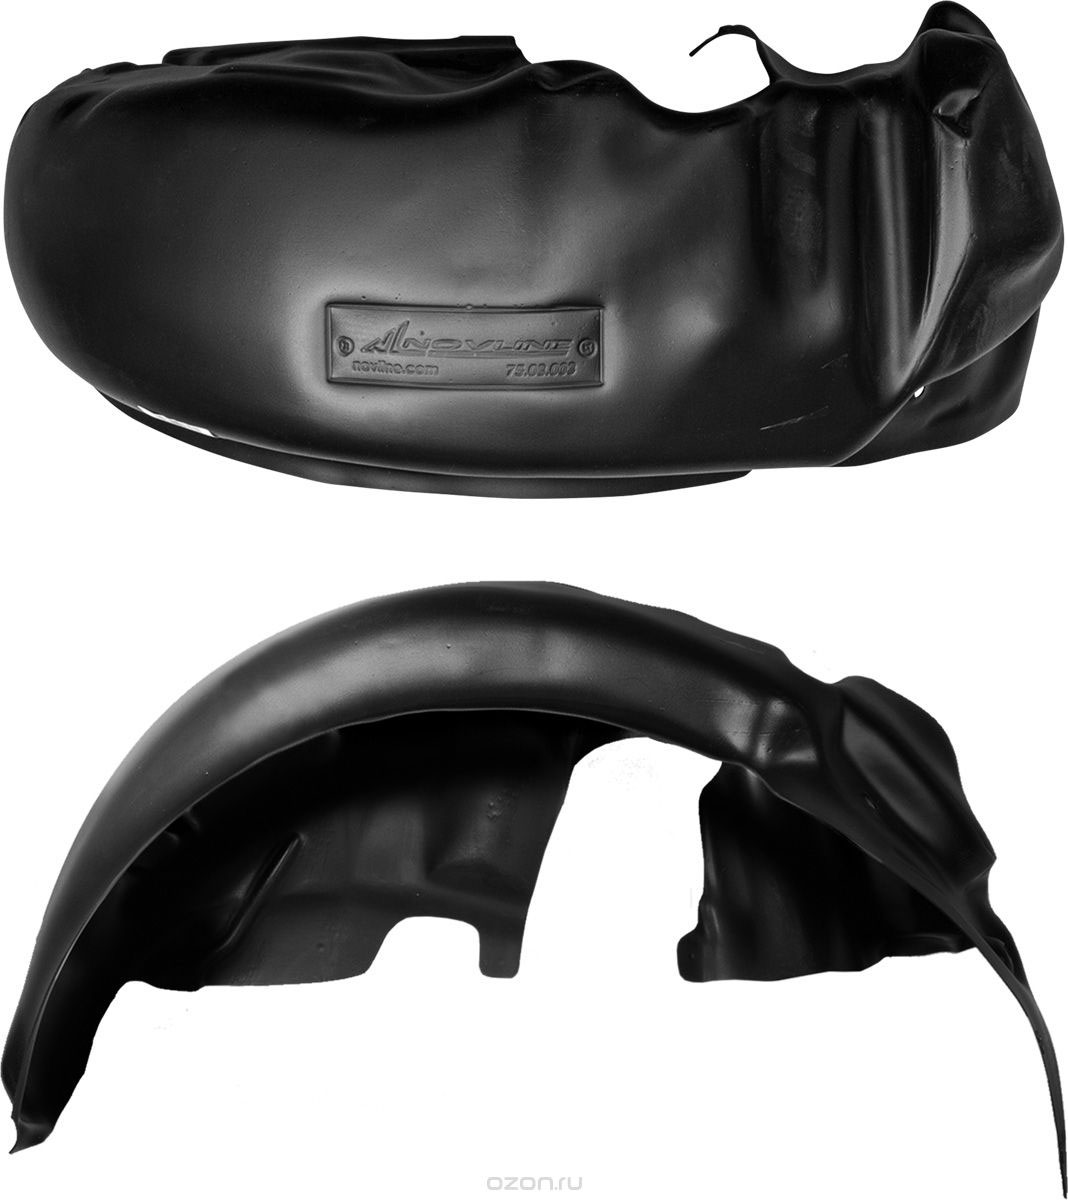 Подкрылок Novline-Autofamily, для Chery Bоnus 3, A19, 2014->, передний правыйNLL.63.16.002Идеальная защита колесной ниши. Локеры разработаны с применением цифровых технологий, гарантируют максимальную повторяемость поверхности арки. Изделия устанавливаются без нарушения лакокрасочного покрытия автомобиля, каждый подкрылок комплектуется крепежом. Уважаемые клиенты, обращаем ваше внимание, что фотографии на подкрылки универсальные и не отражают реальную форму изделия. При этом само изделие идет точно под размер указанного автомобиля.